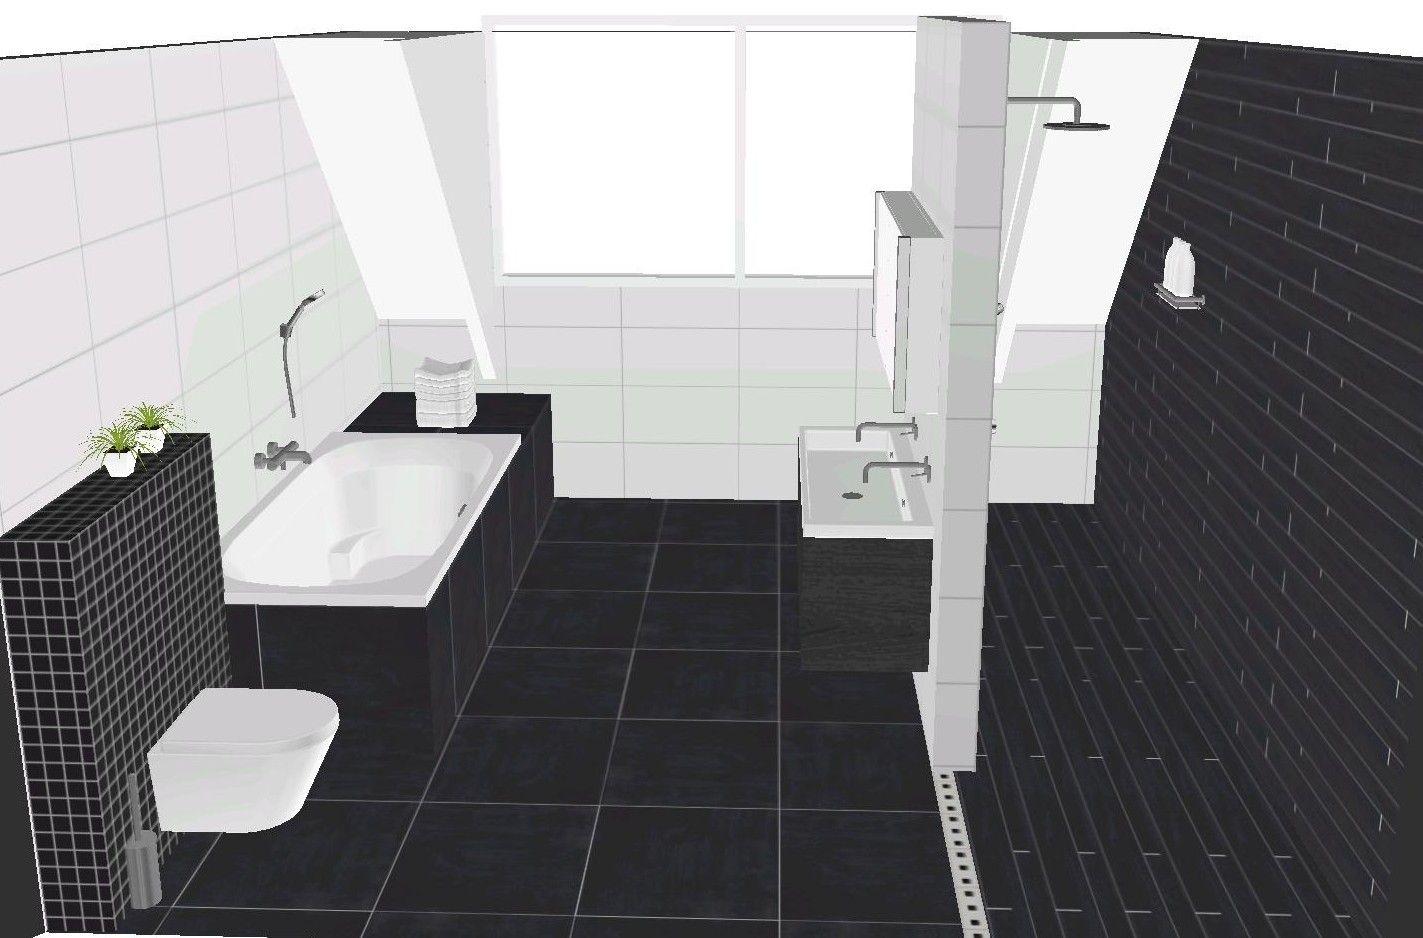 Vloertegels Badkamer Mosa : Ennovy ontwerp van een grote moderne badkamer met mosa